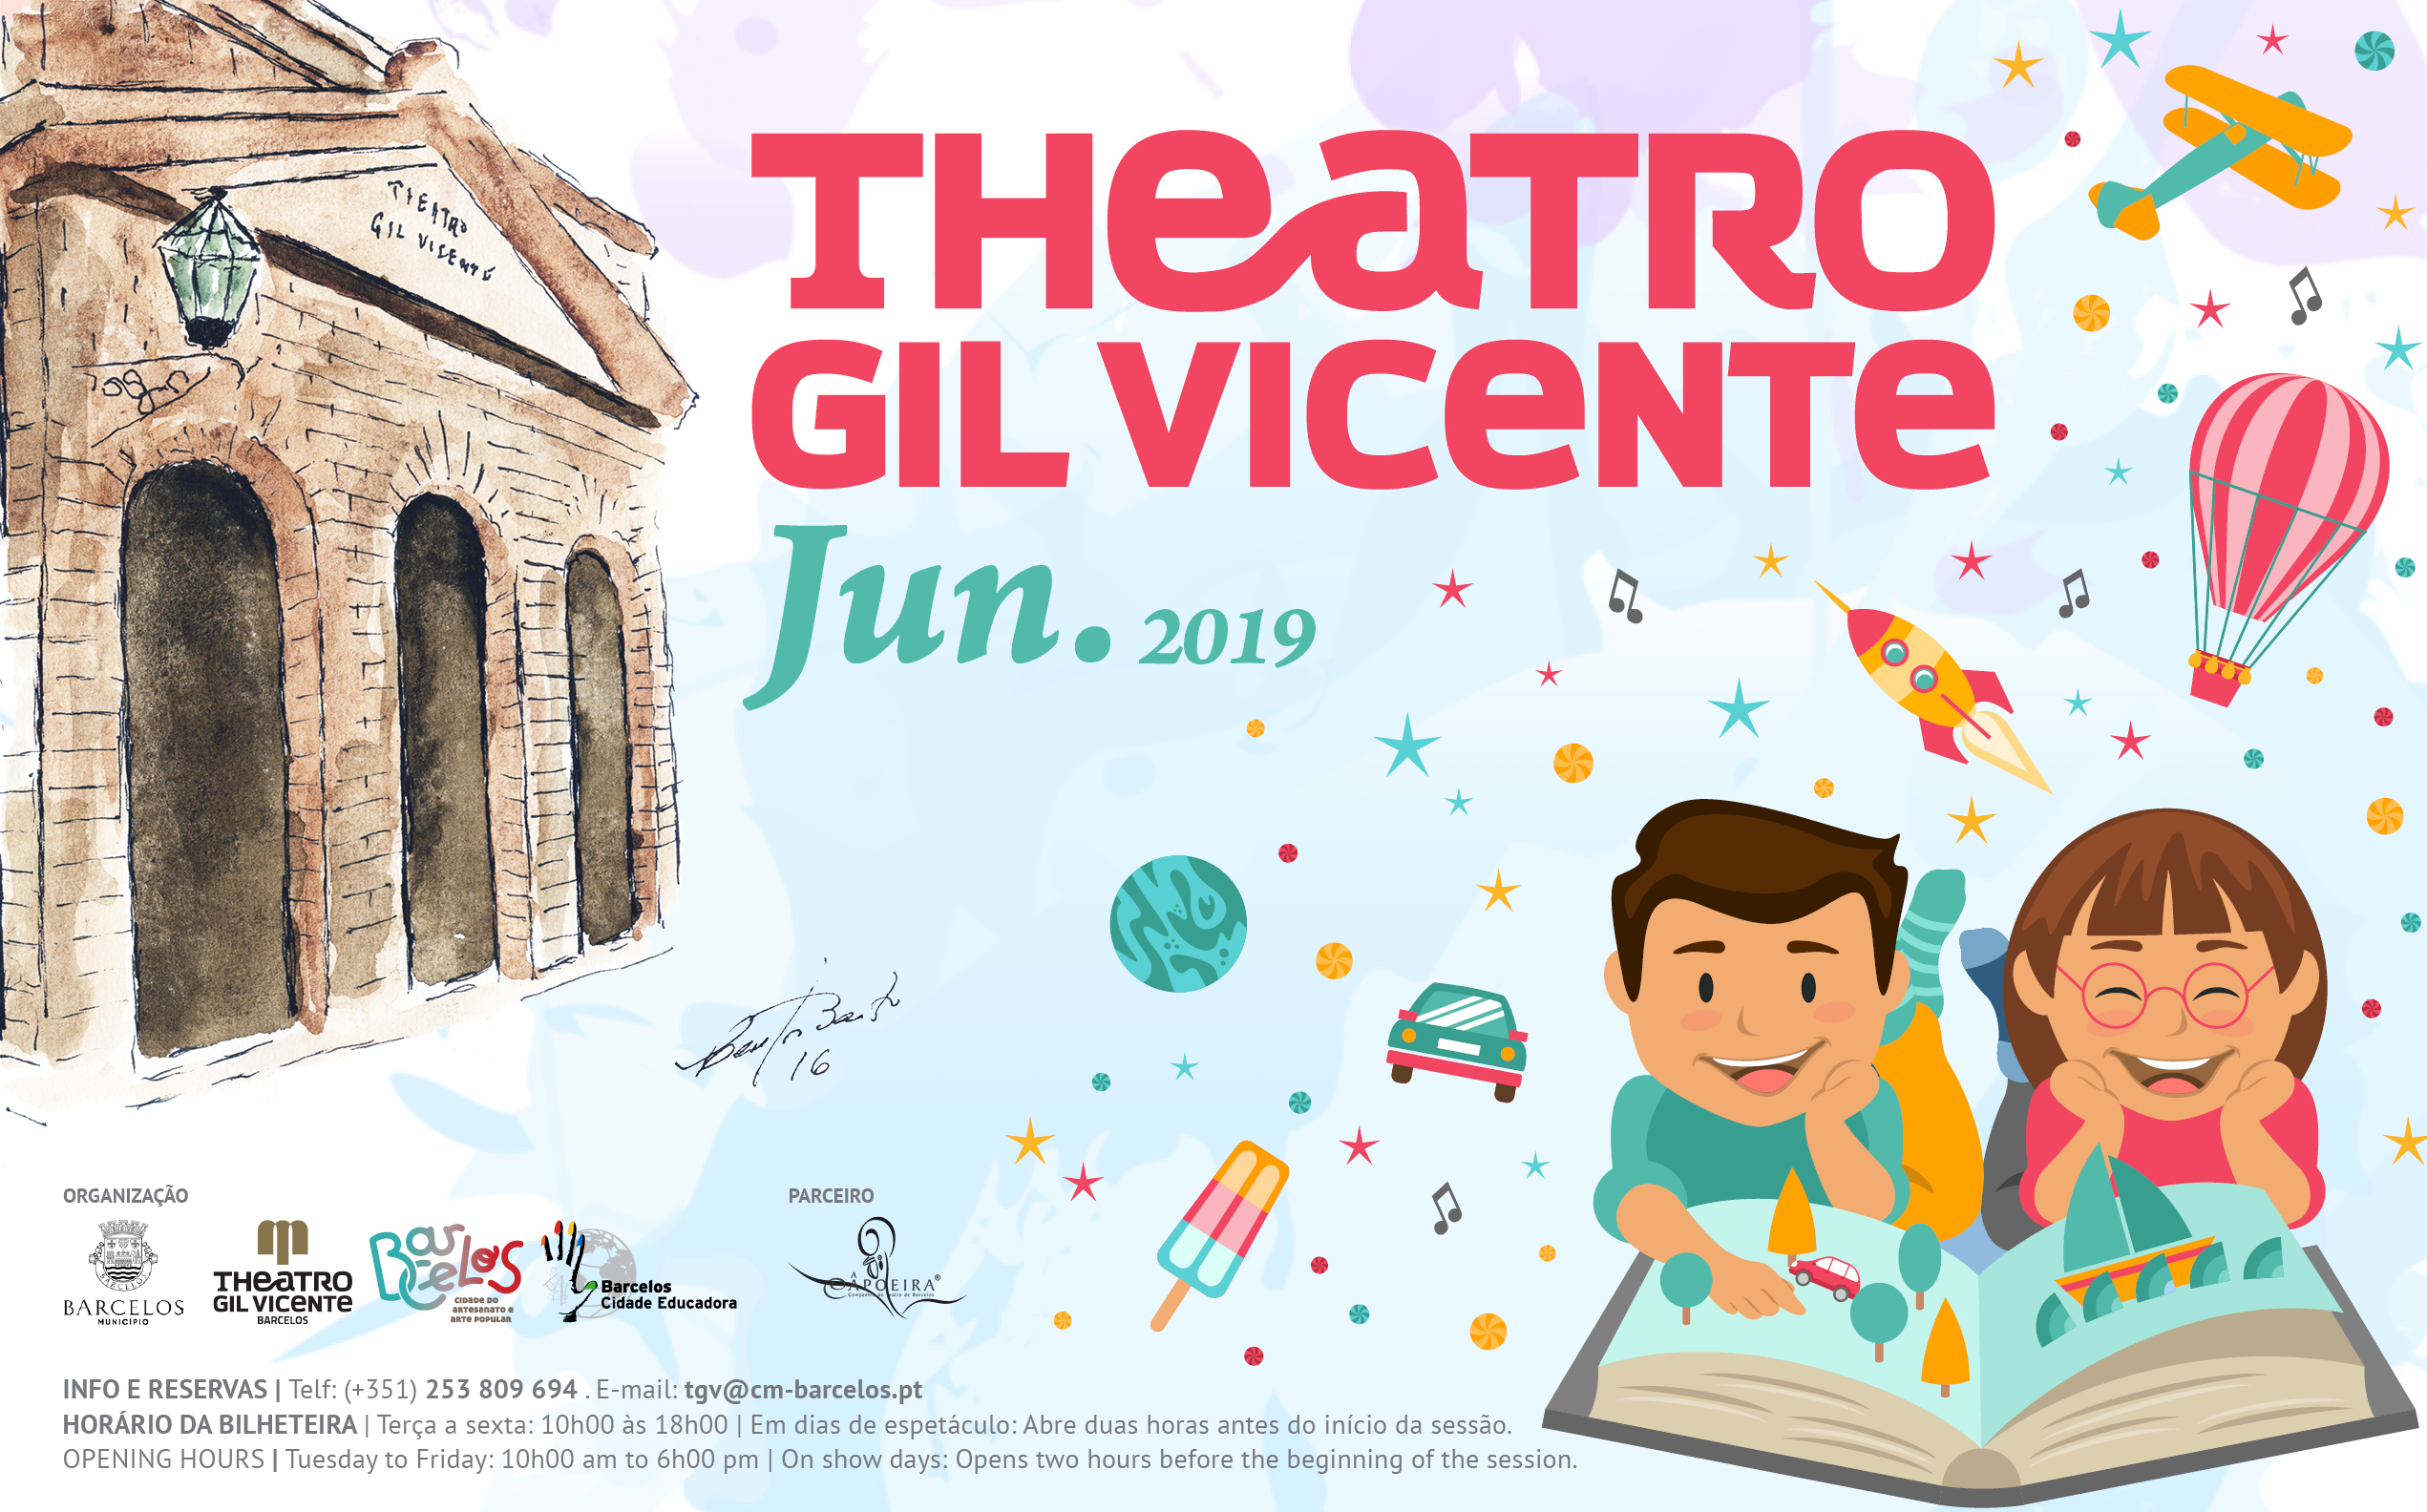 Programação cultural de junho do Theatro Gil Vicente